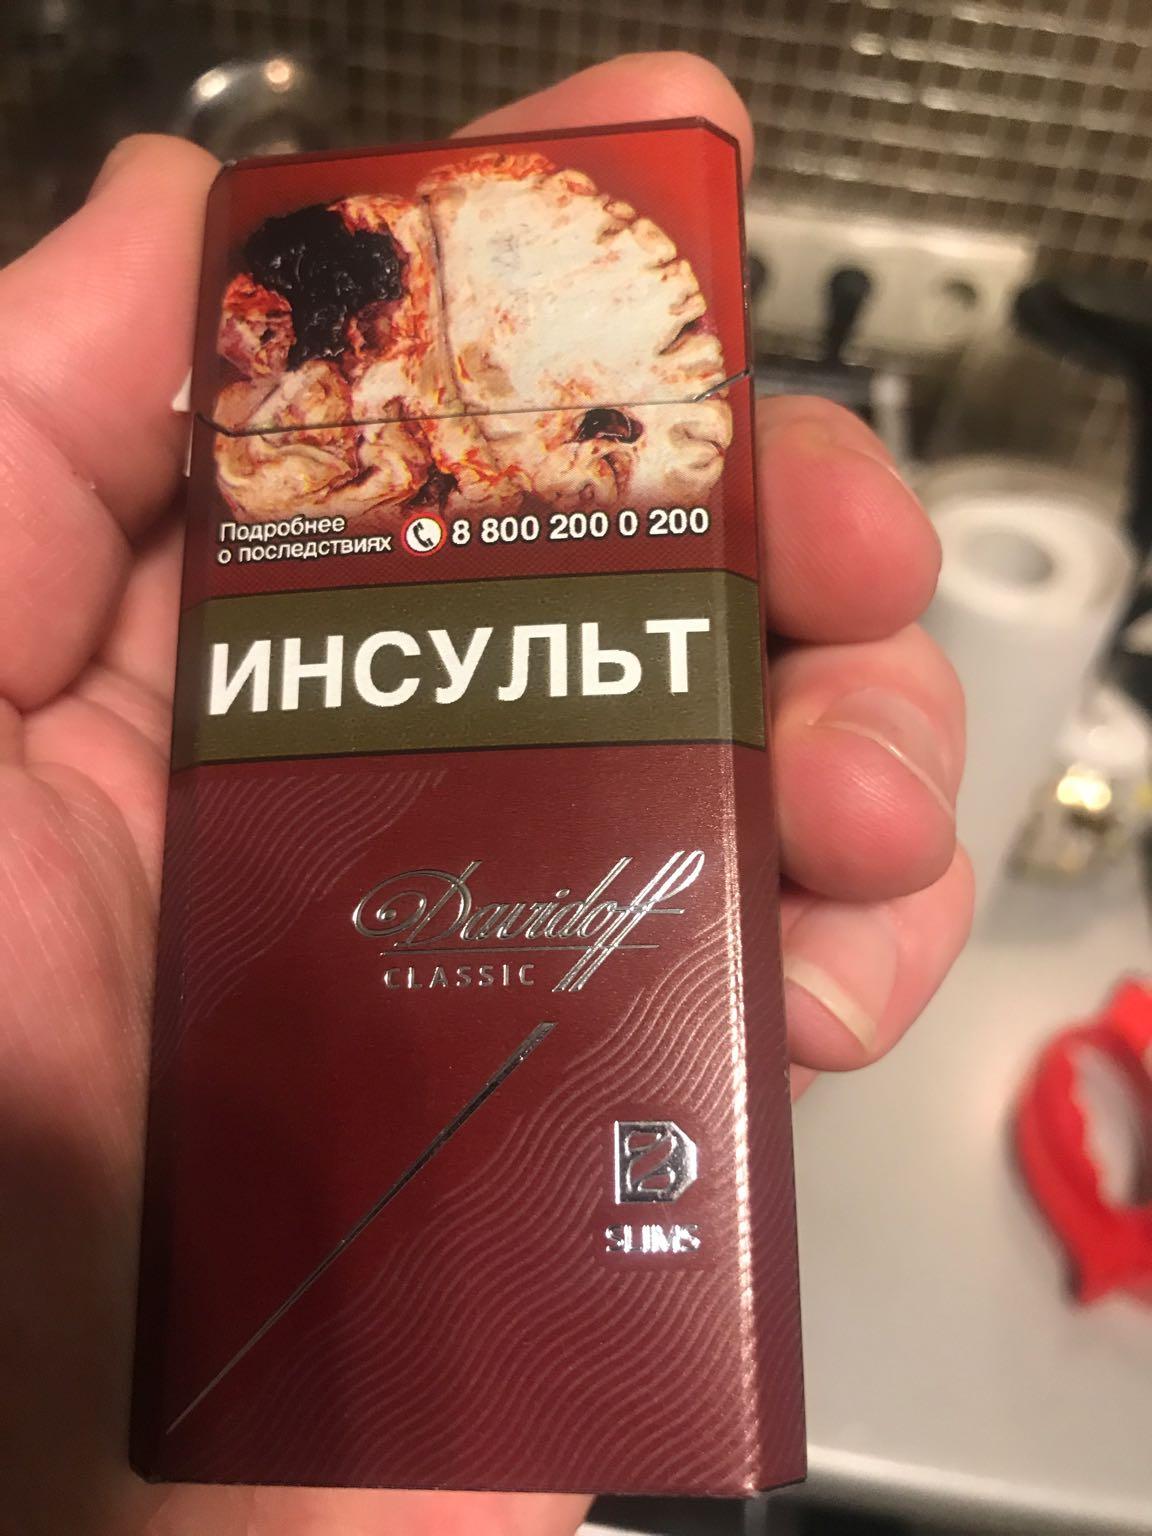 Империал тобакко волга купить сигареты купить сигареты nz в питере